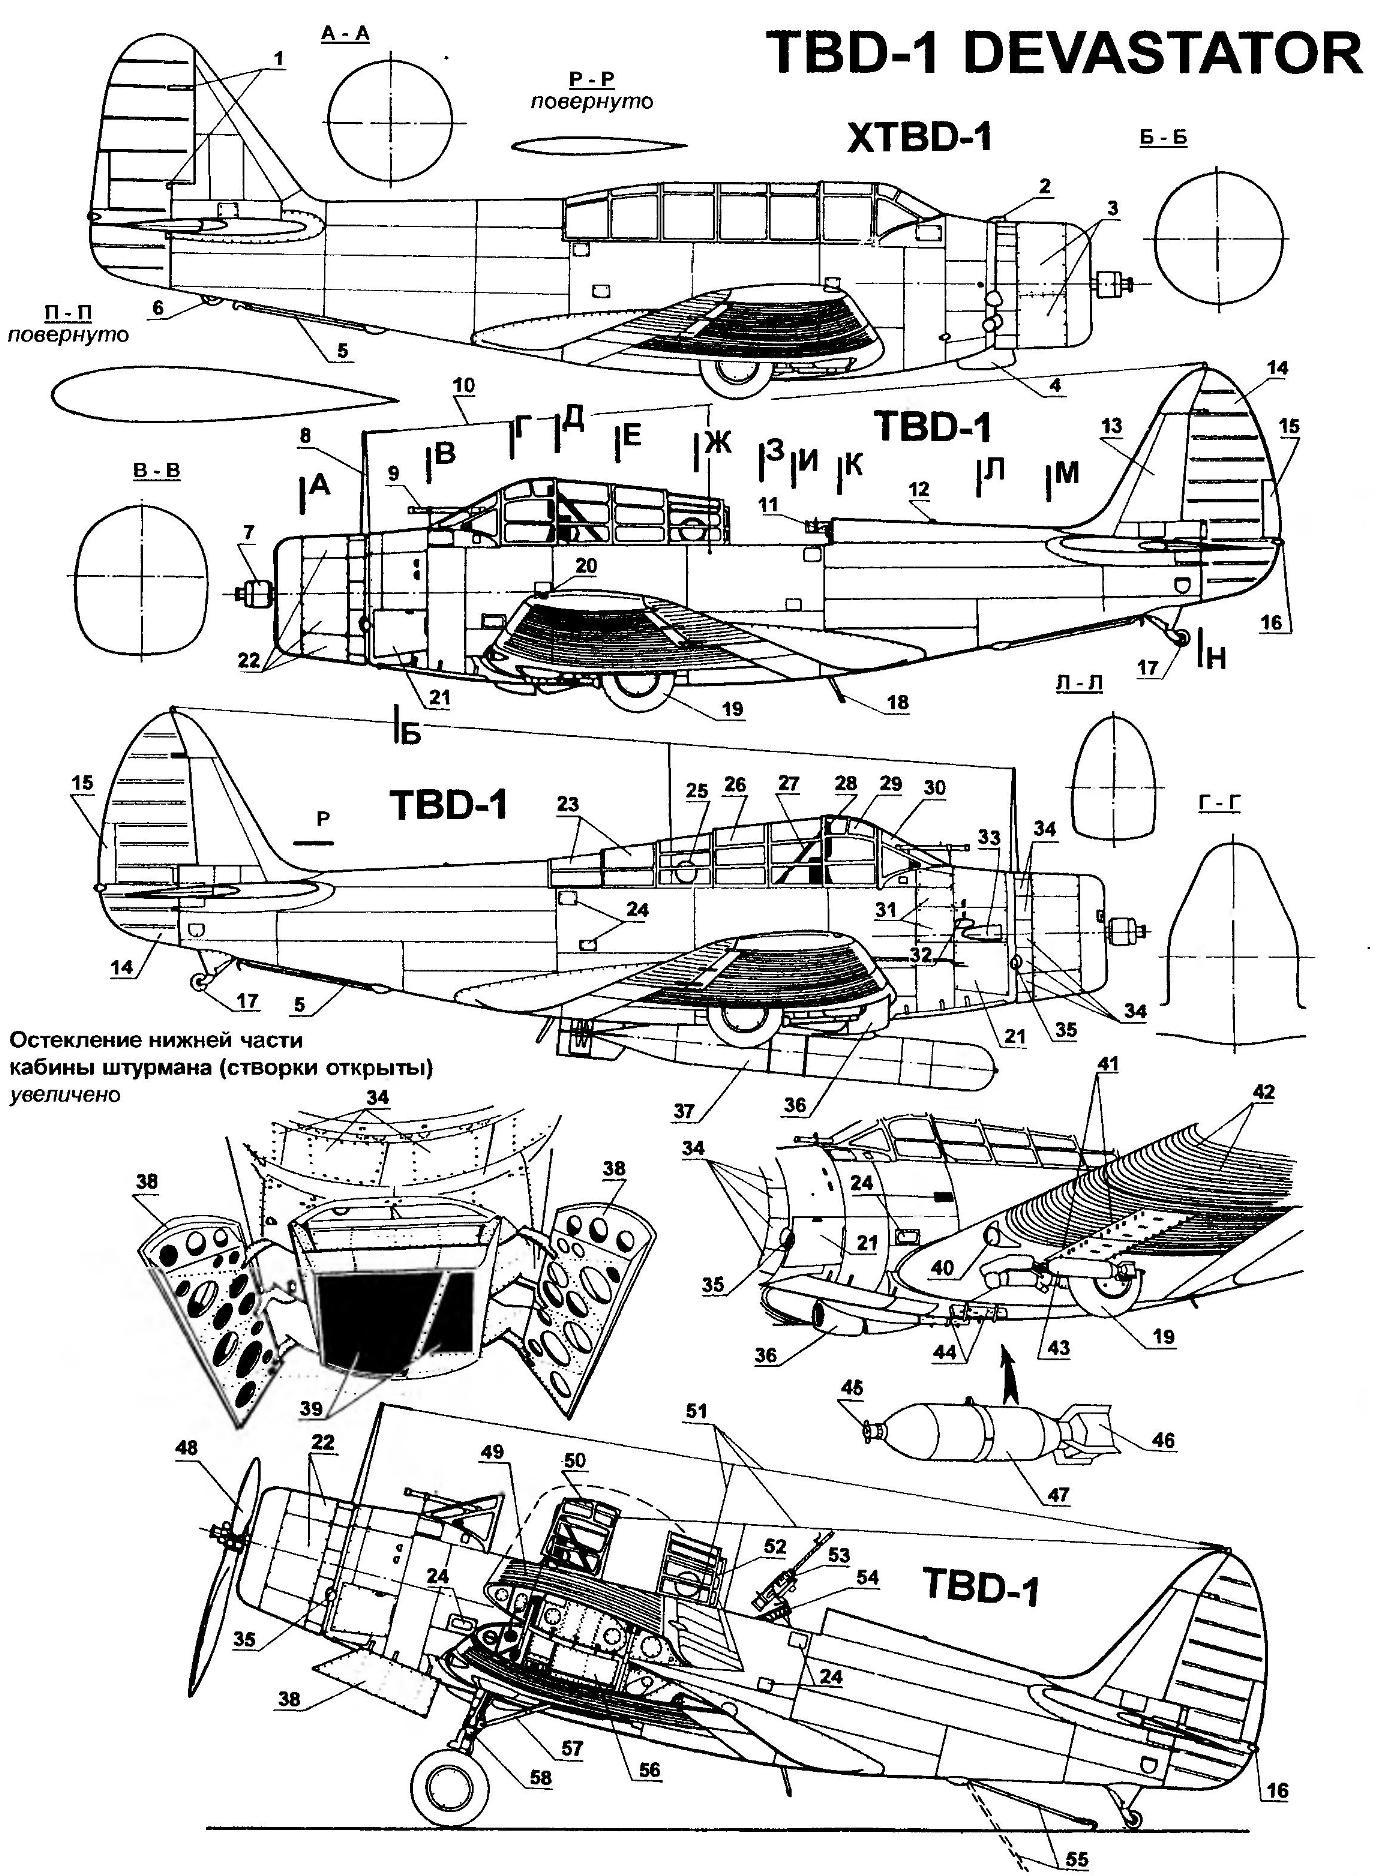 Carrier-based torpedo bomber TBD-1 DEVASTATOR